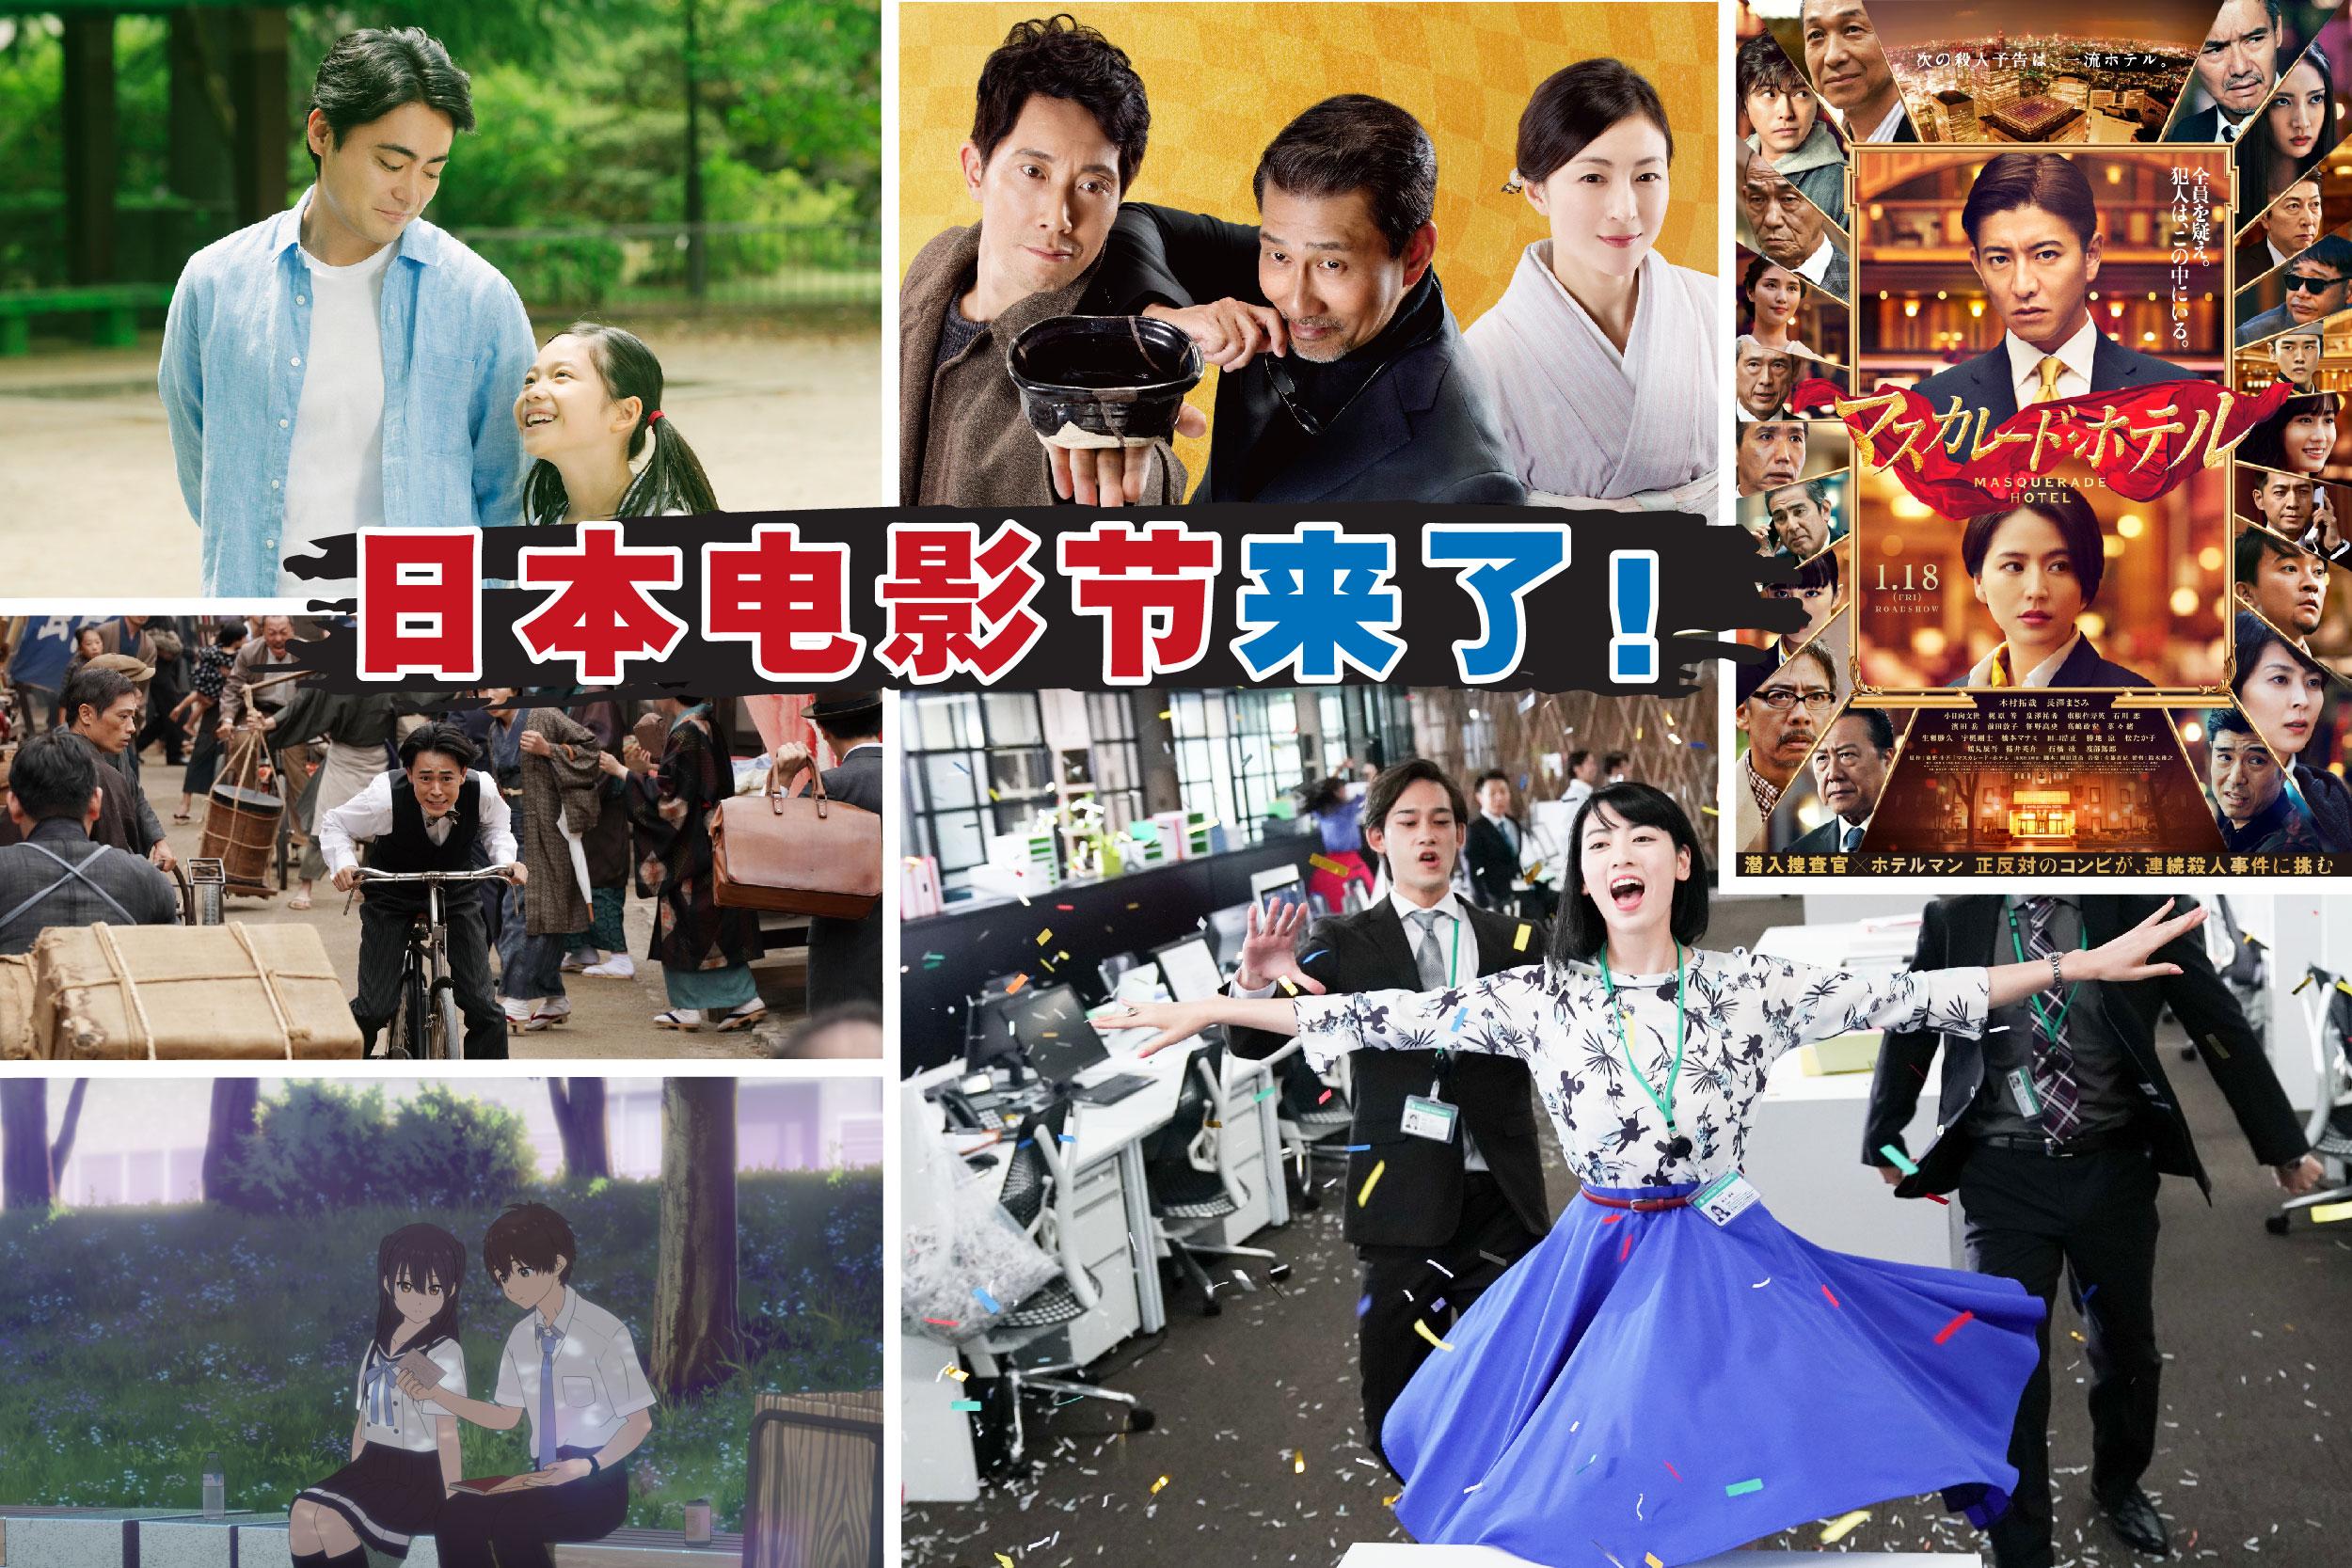 日本电影节2020(JFF 2020)将于10月15日隆重登场。-吉隆坡日本国际交流基金会/精彩大马制图-